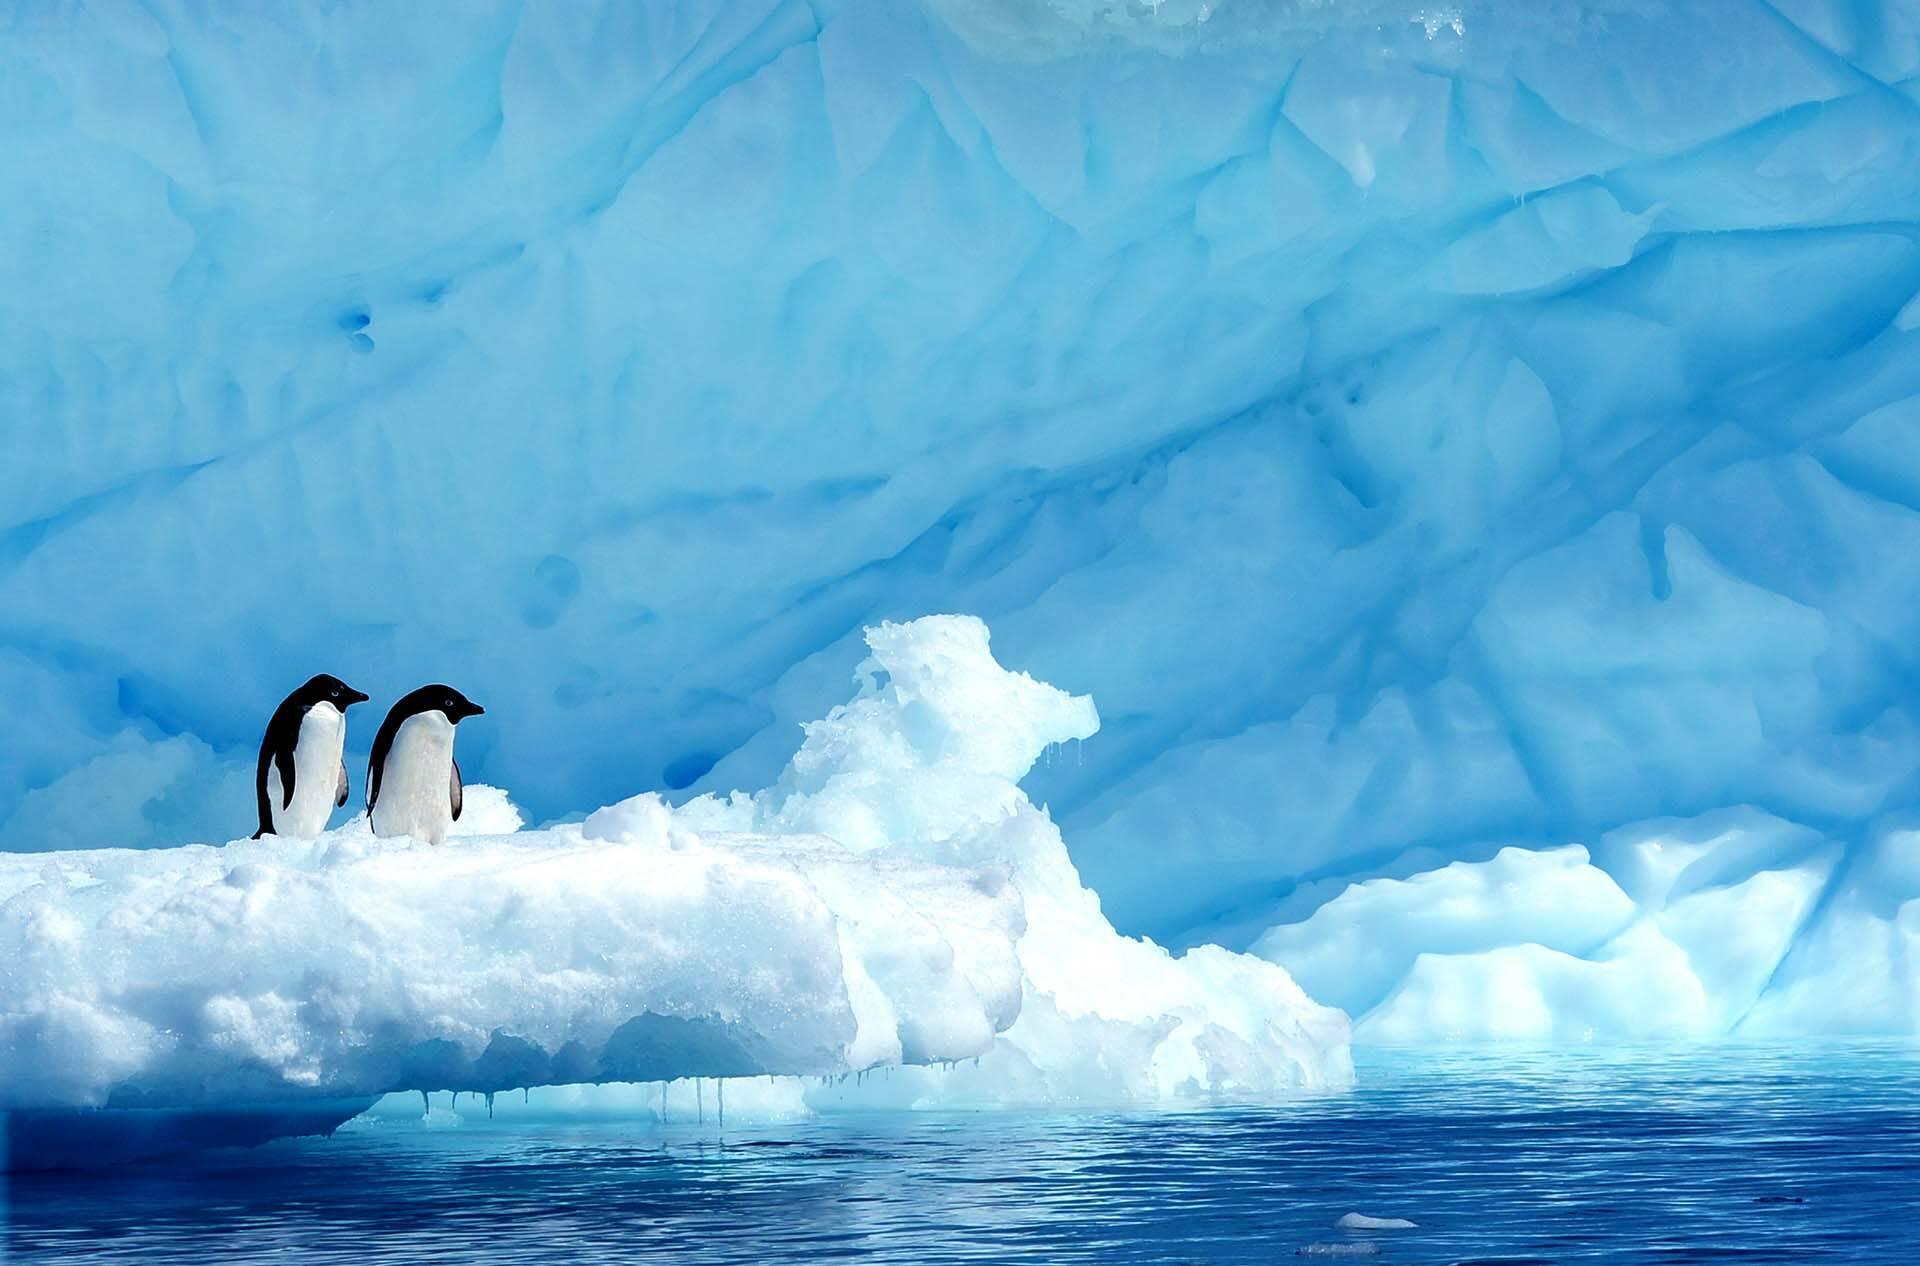 Ponant Croisiere Antarctique Paulet Island manchots Adelie